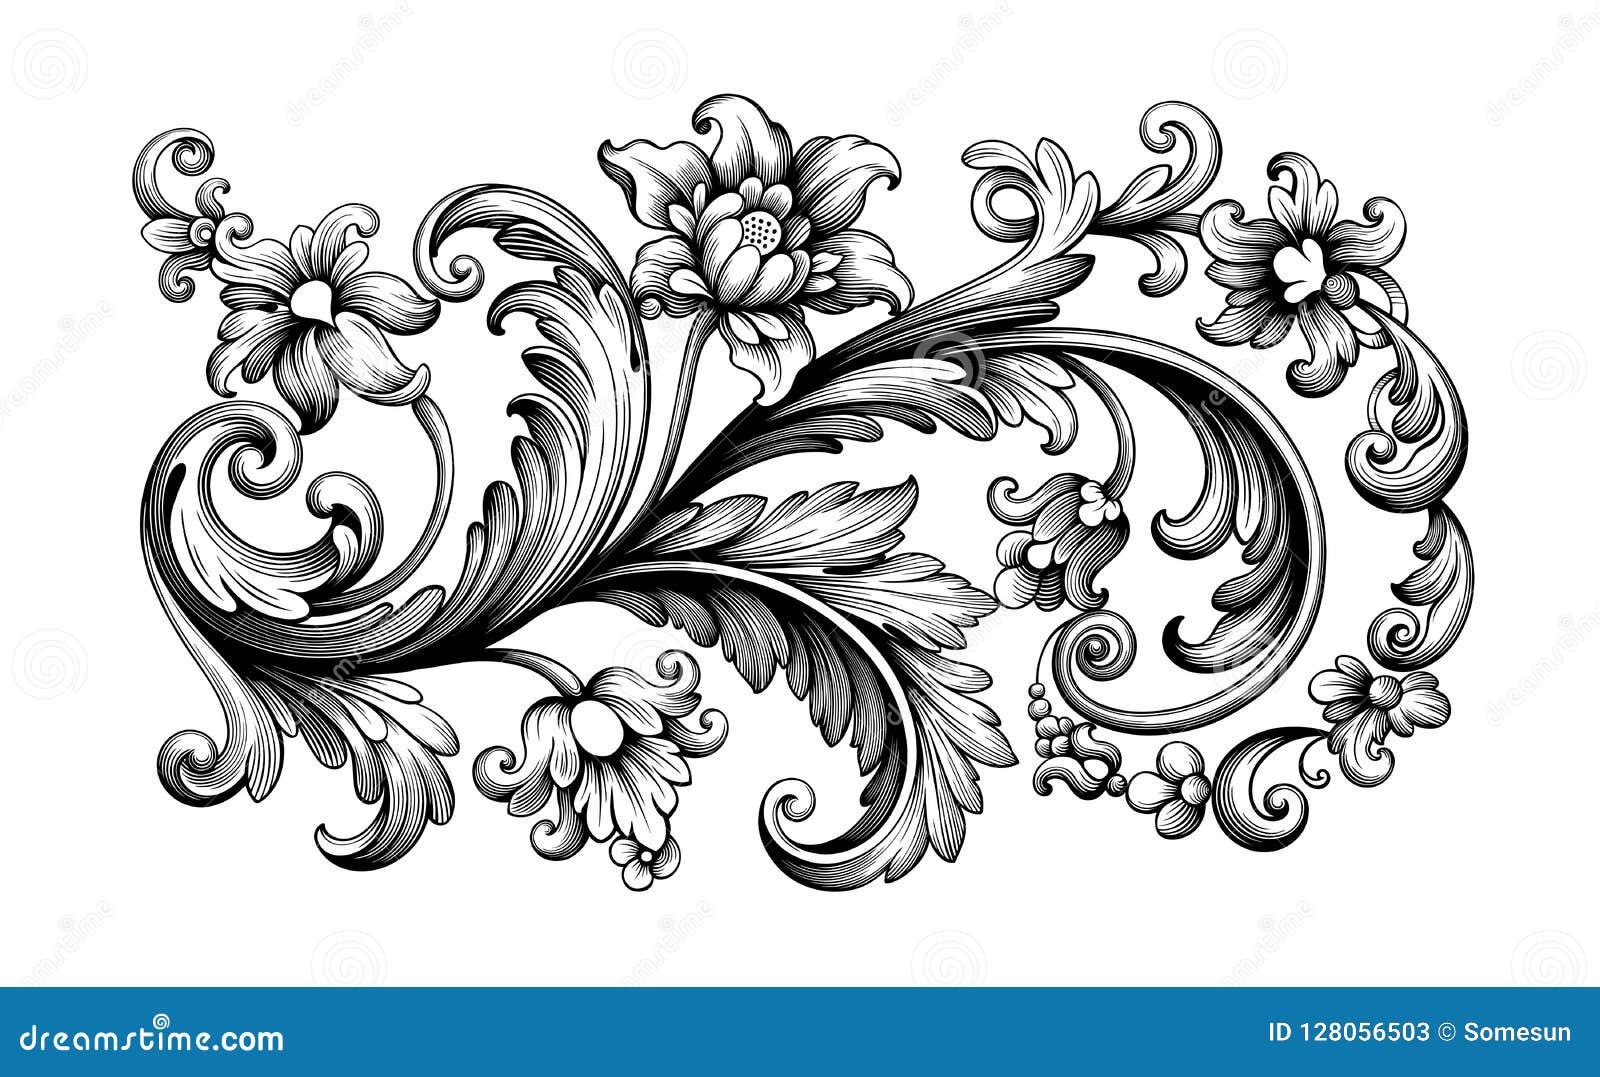 Vecteur en filigrane gravé victorien de rétro de modèle d ornement floral de frontière de cadre de rouleau baroque de vintage de